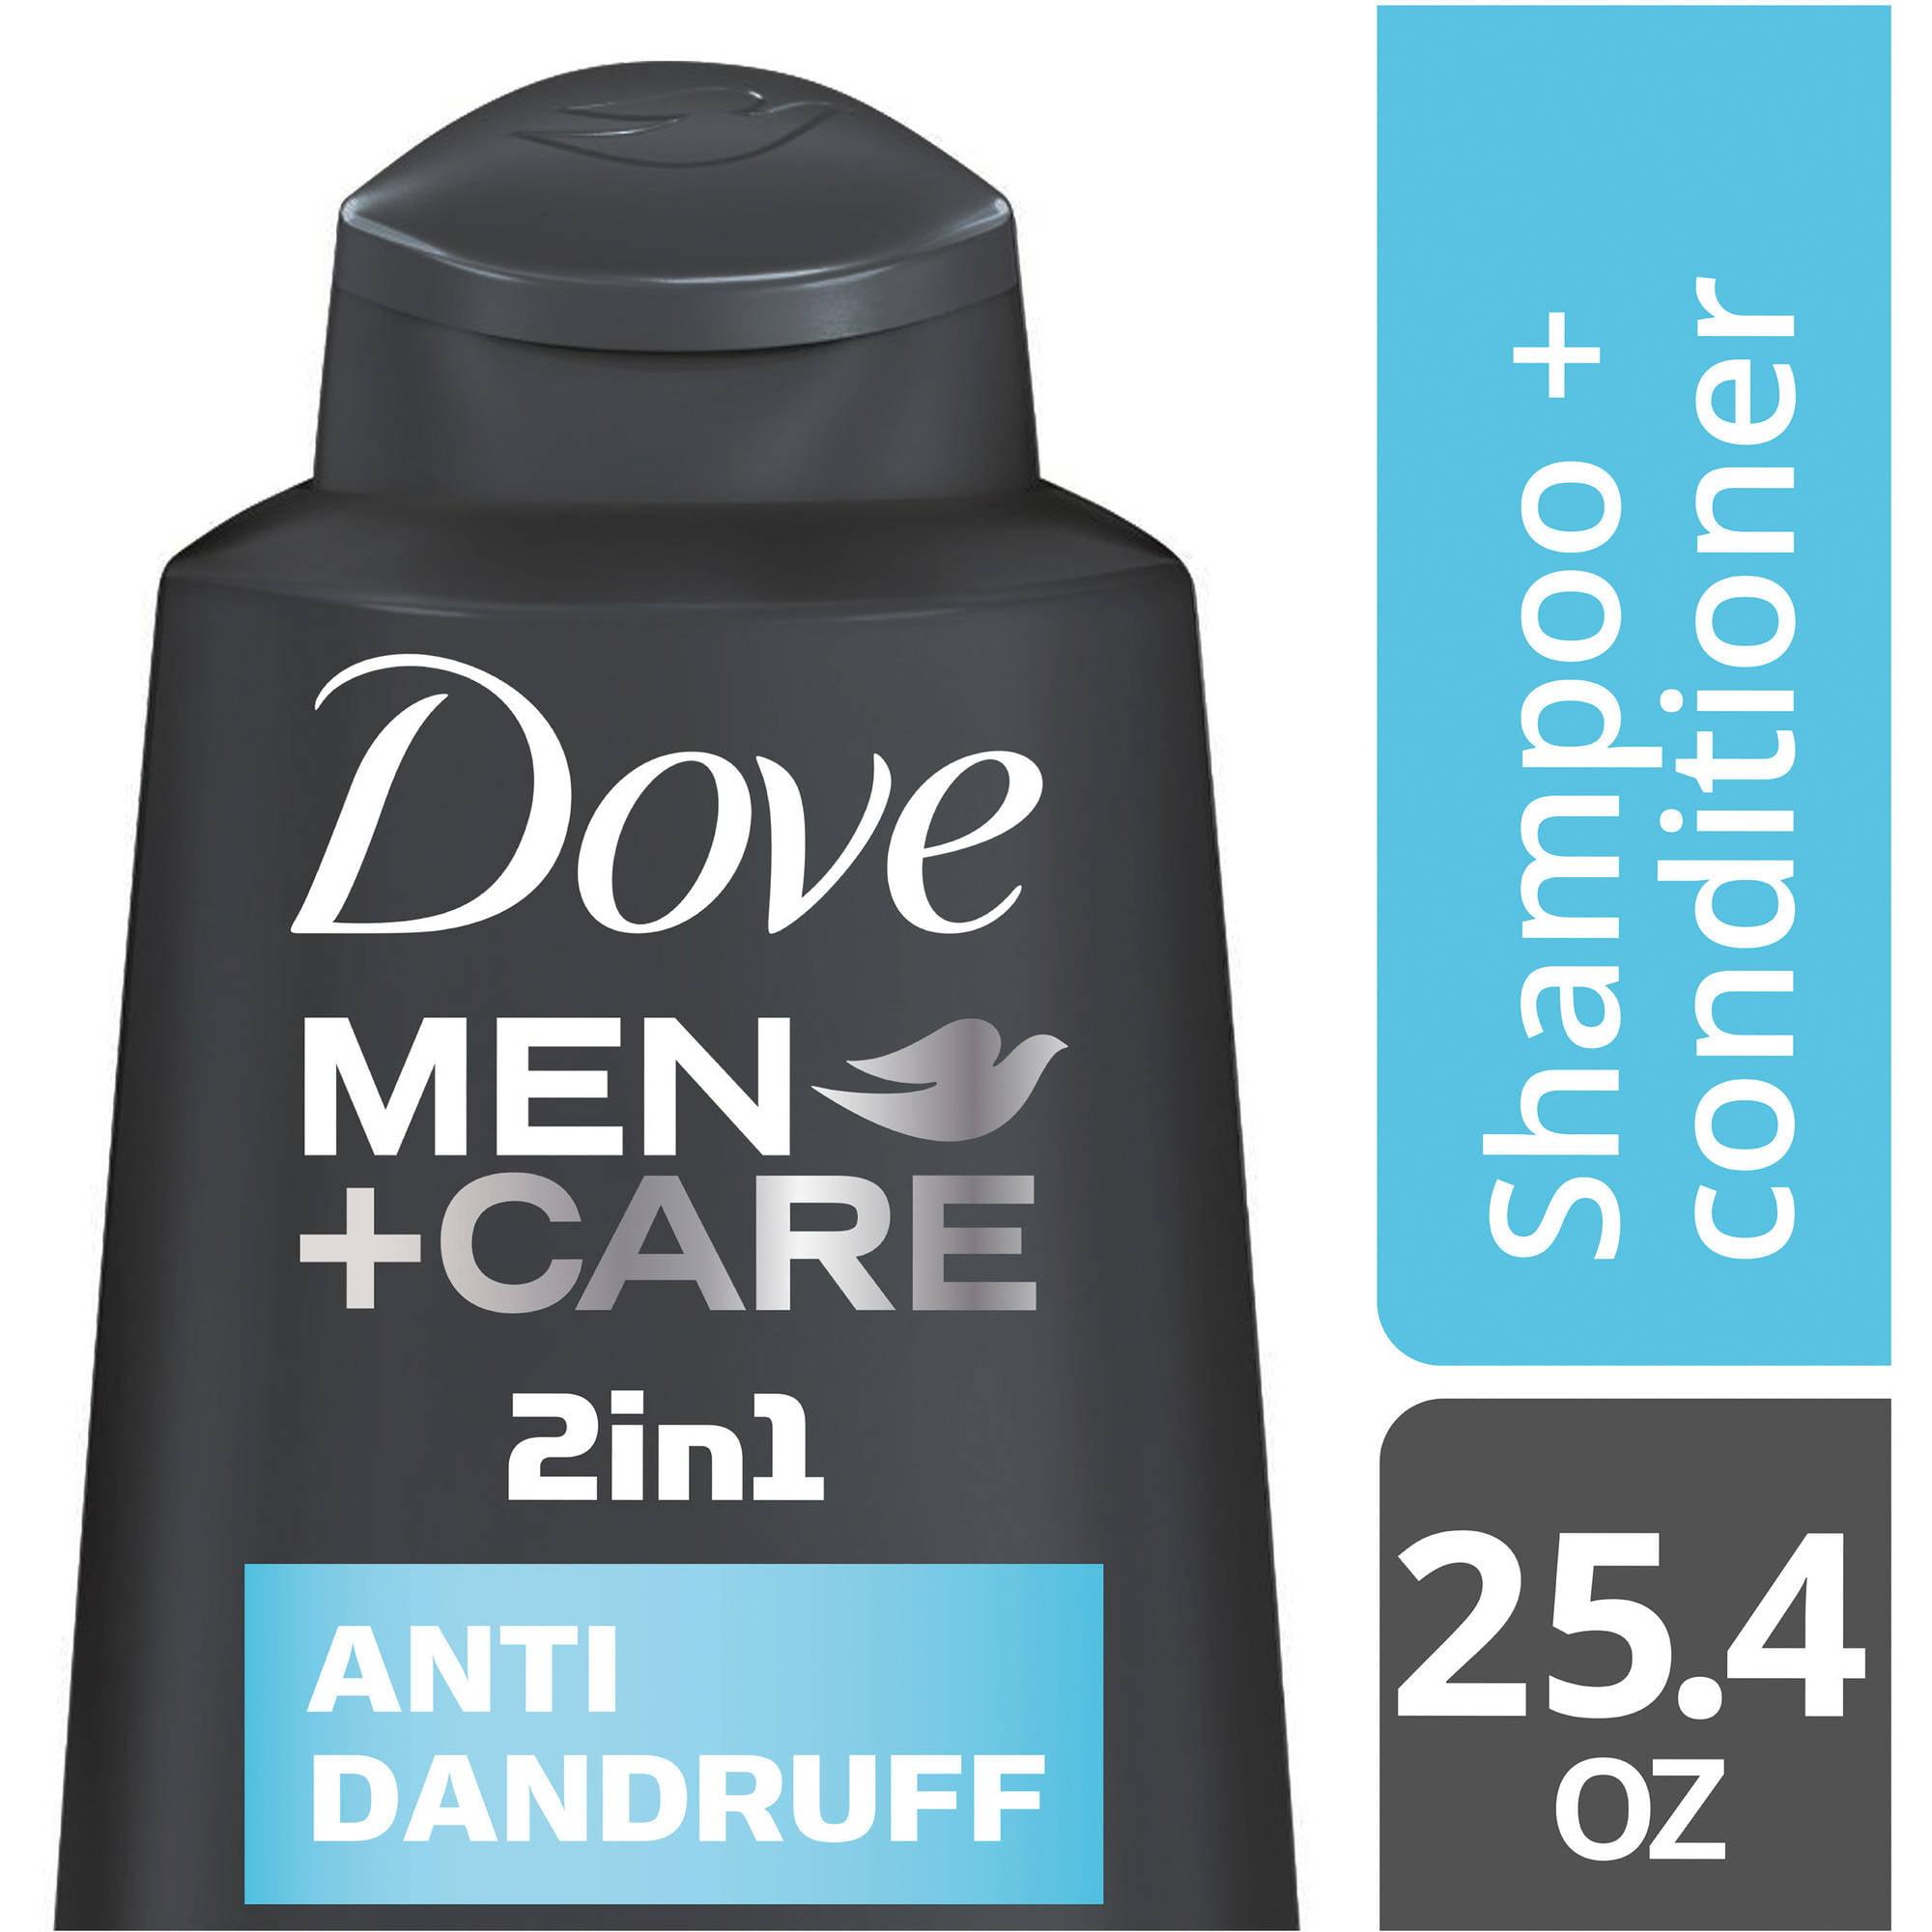 Dove Men+Care Anti Dandruff 2 in 1 Shampoo and Conditioner, 25.4 oz